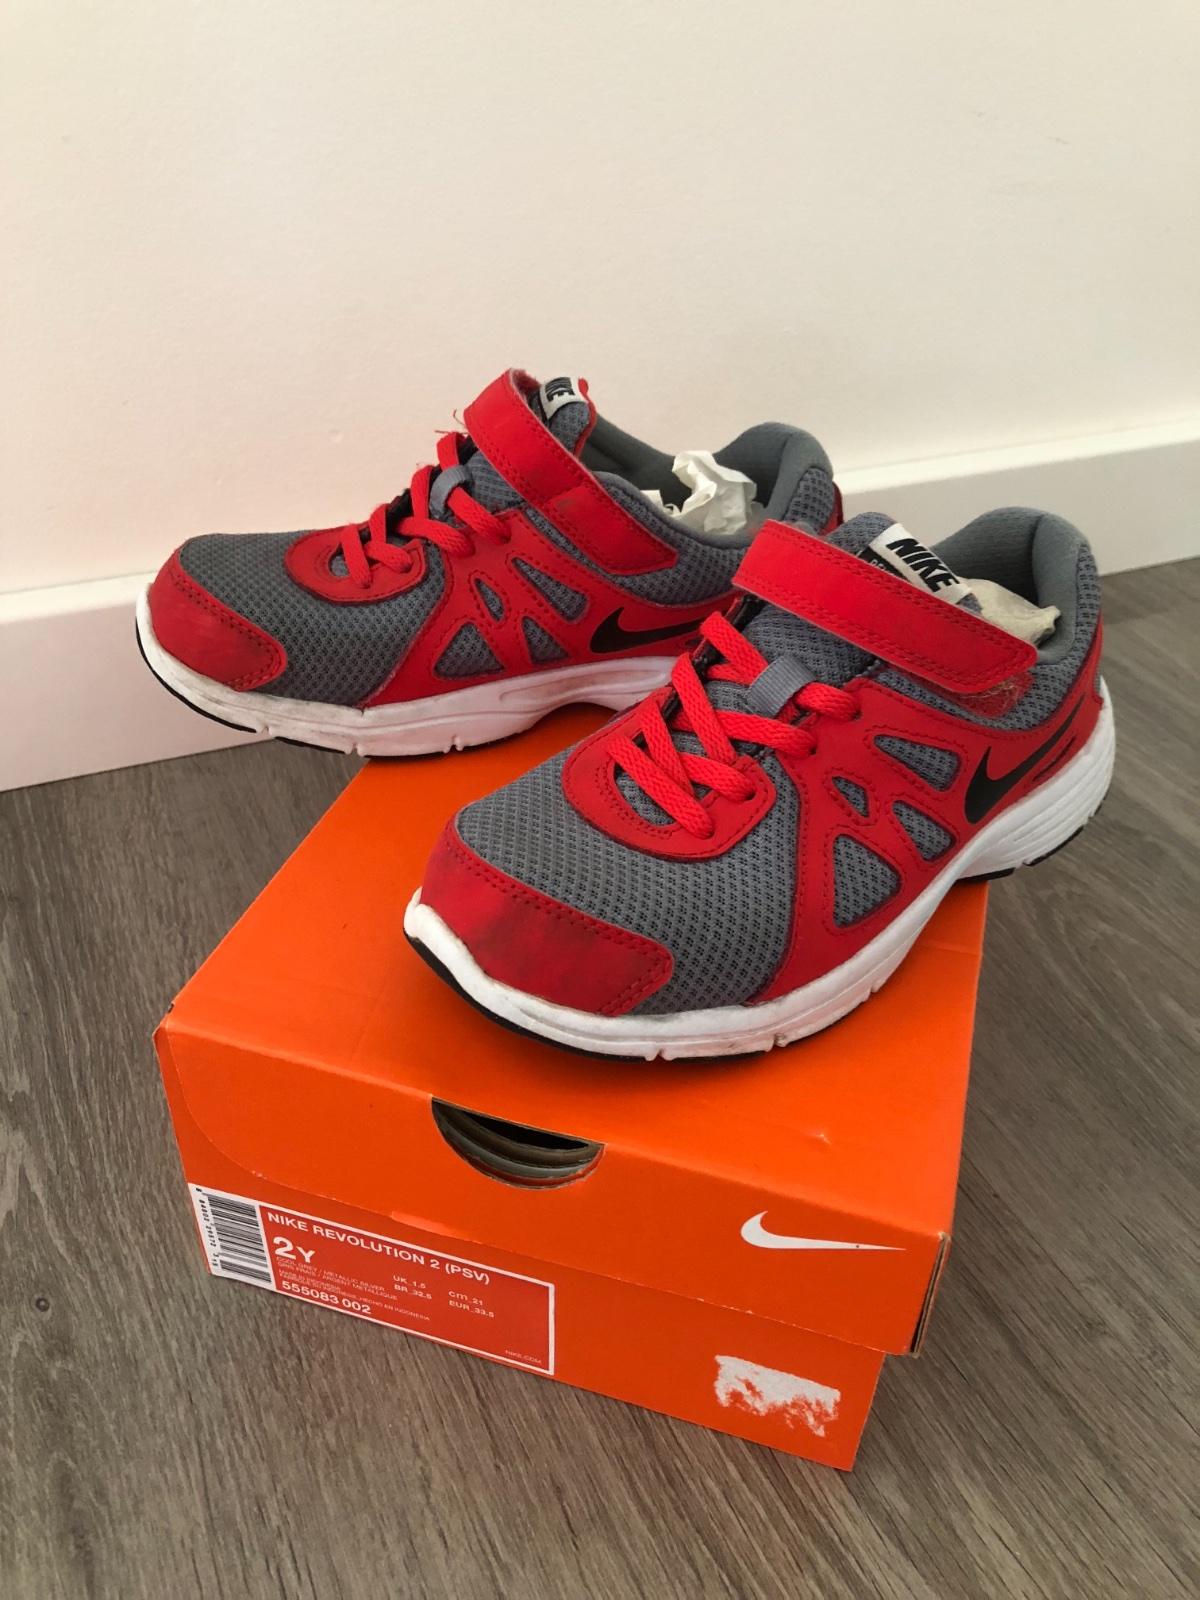 5098b8b59 Chlapčenské športové topánky nike, nike,33 - 12 € od predávajúcej  deakildiko   Detský bazár   ModryKonik.sk